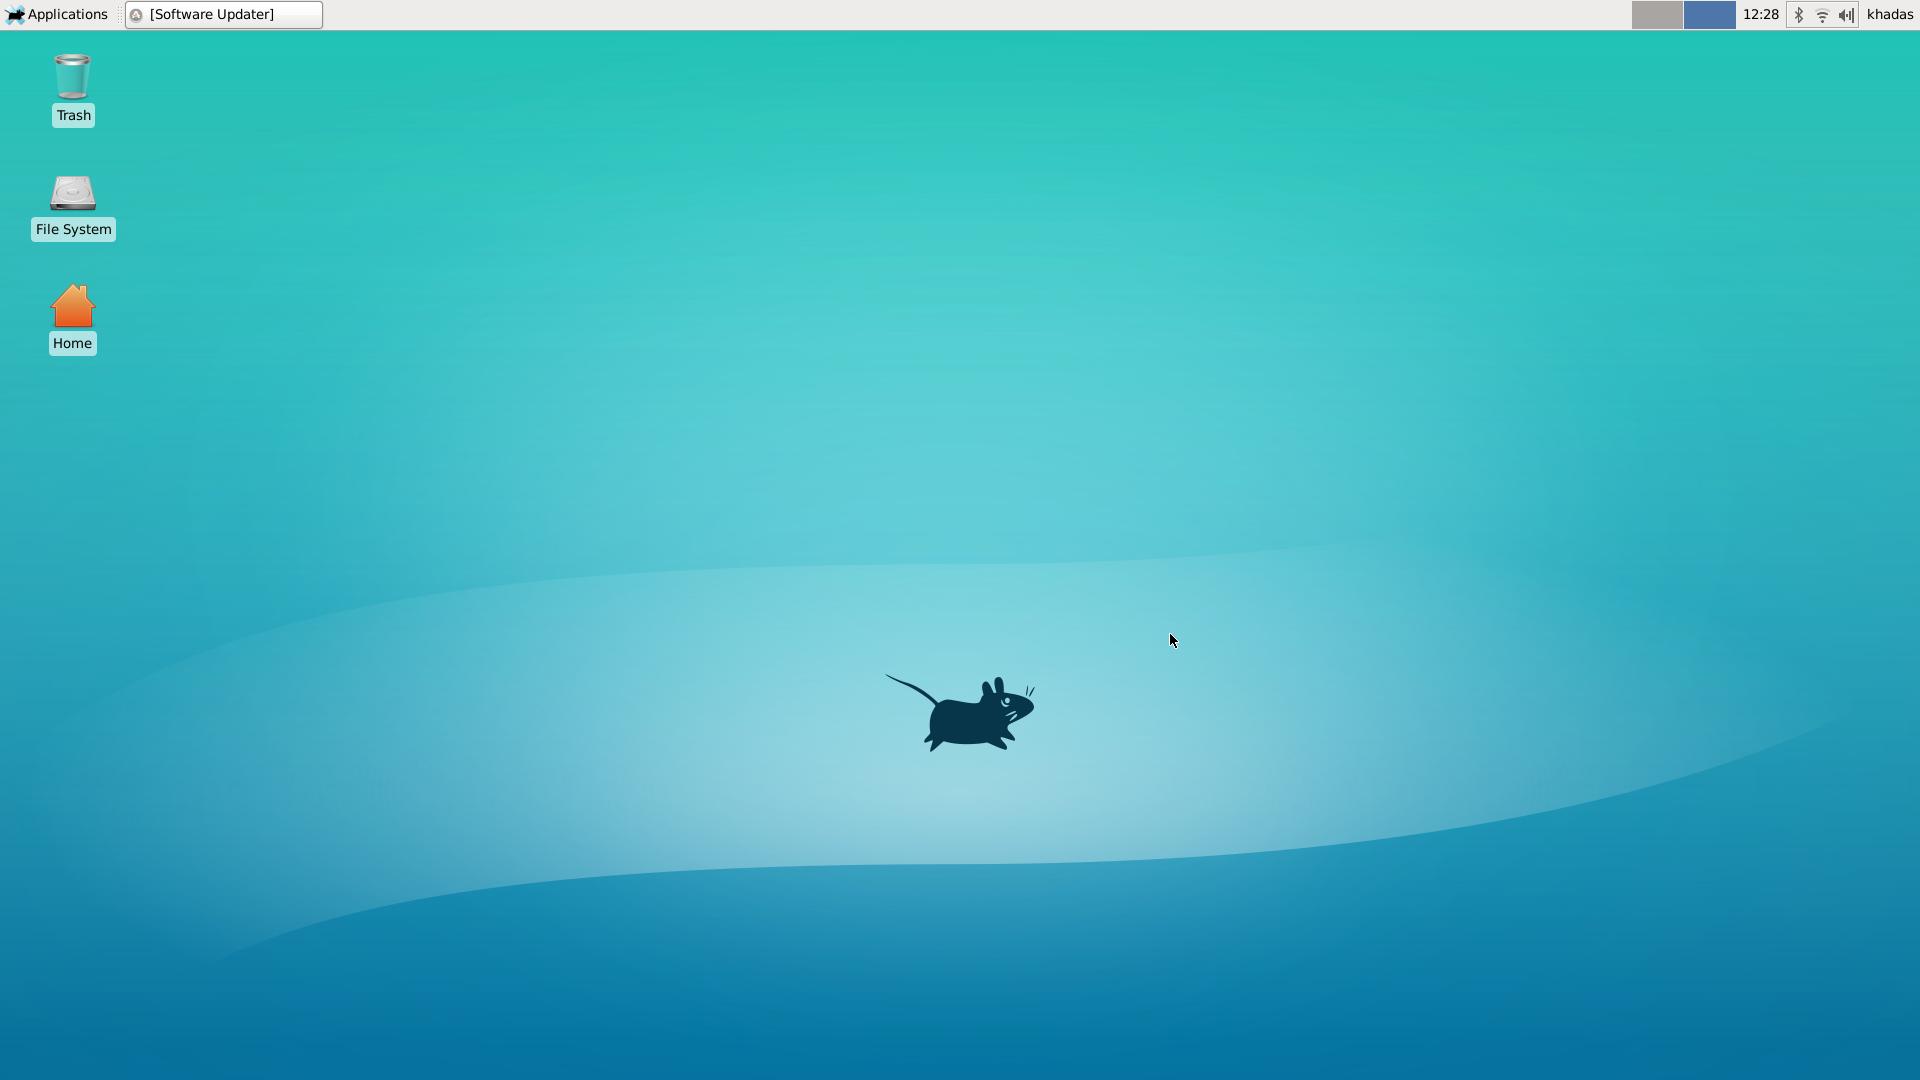 Ubuntu XFCE Desktop